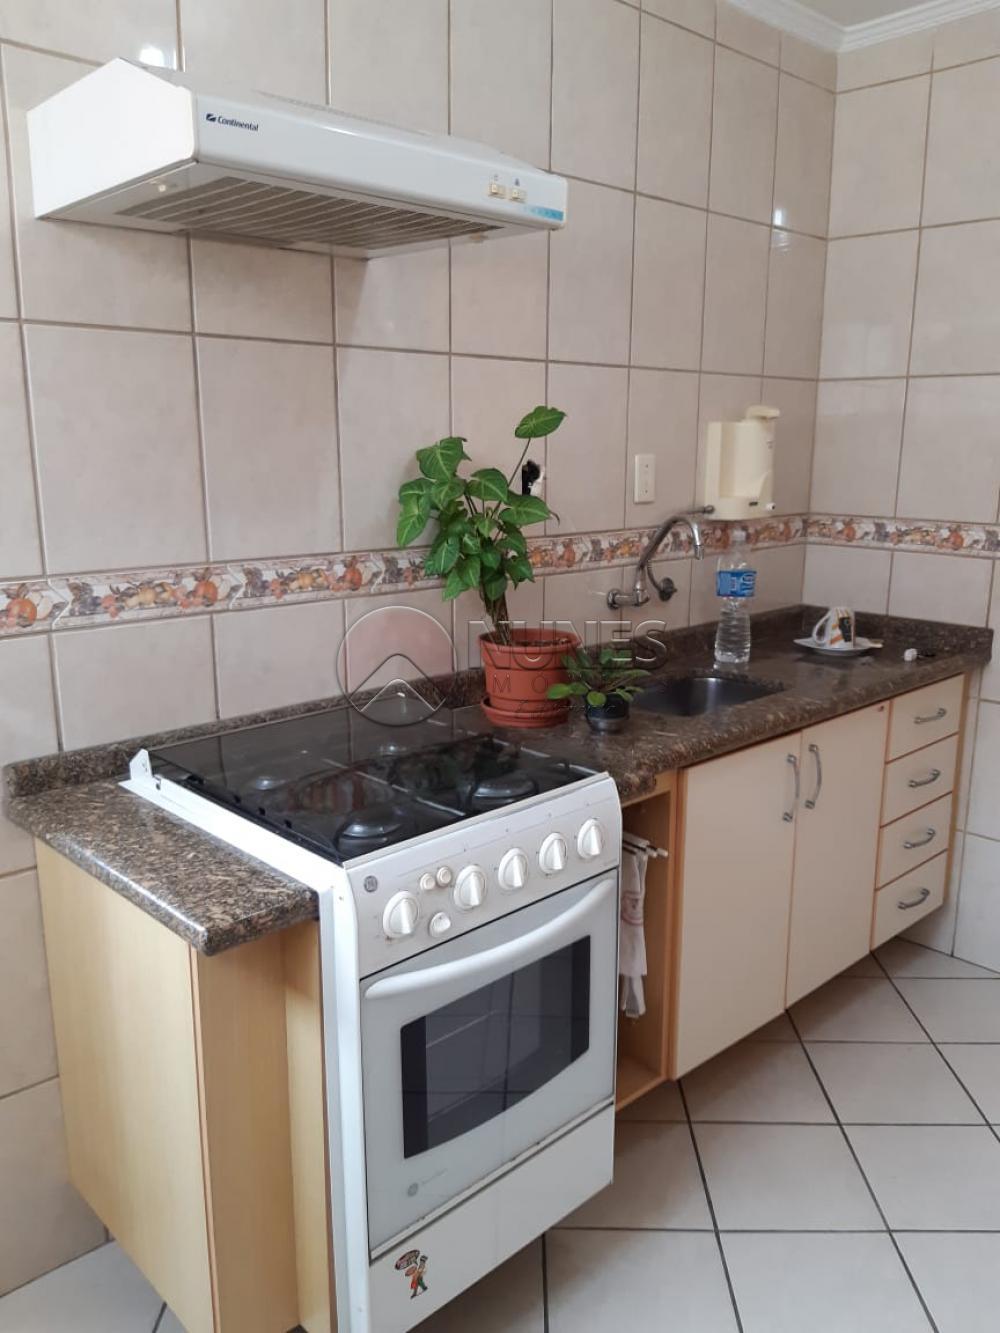 Comprar Apartamento / Padrão em Osasco apenas R$ 240.000,00 - Foto 9